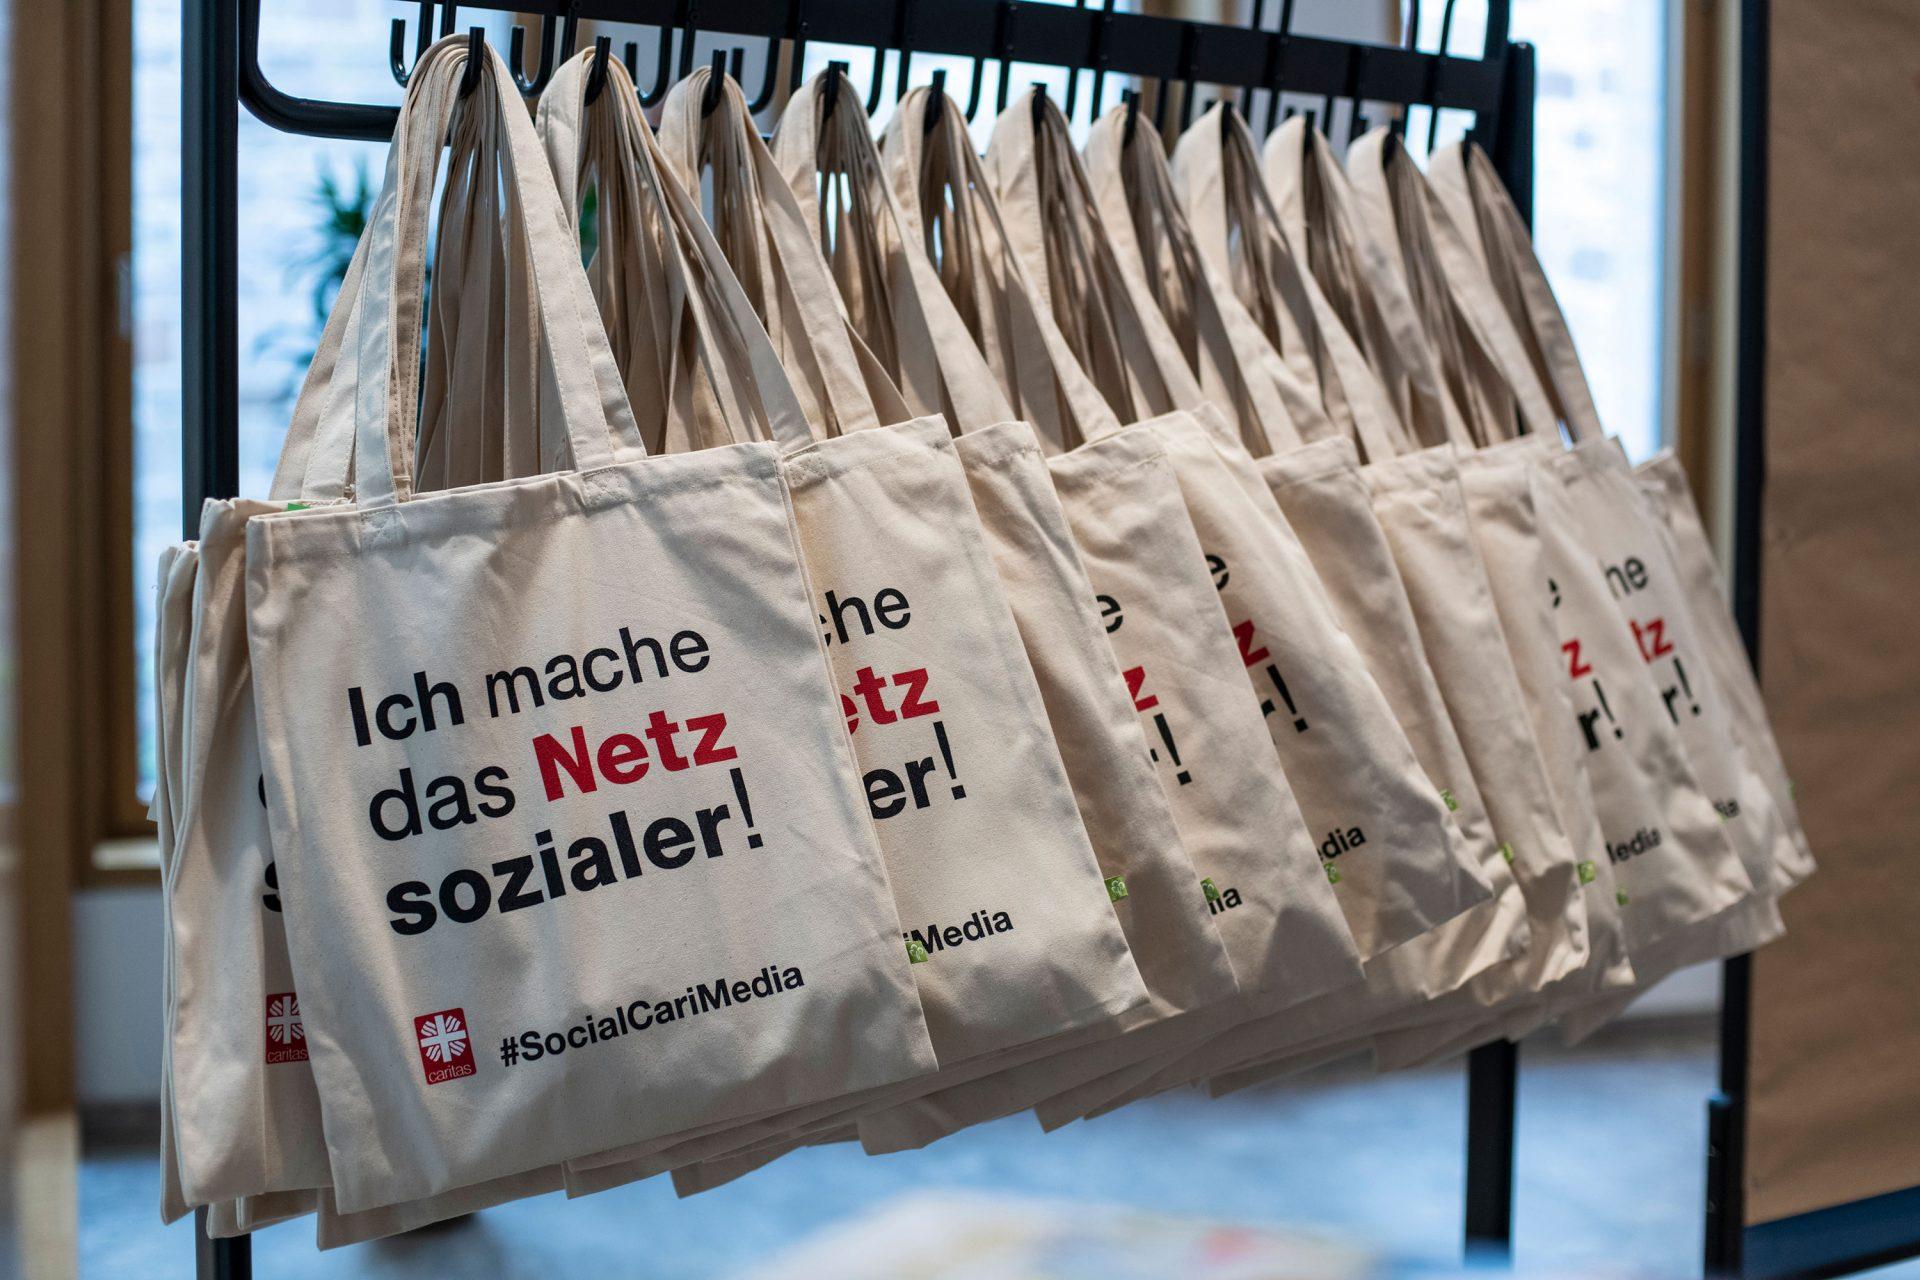 SocialCariMedia @ Caritasverband e.V. © offenblende.de